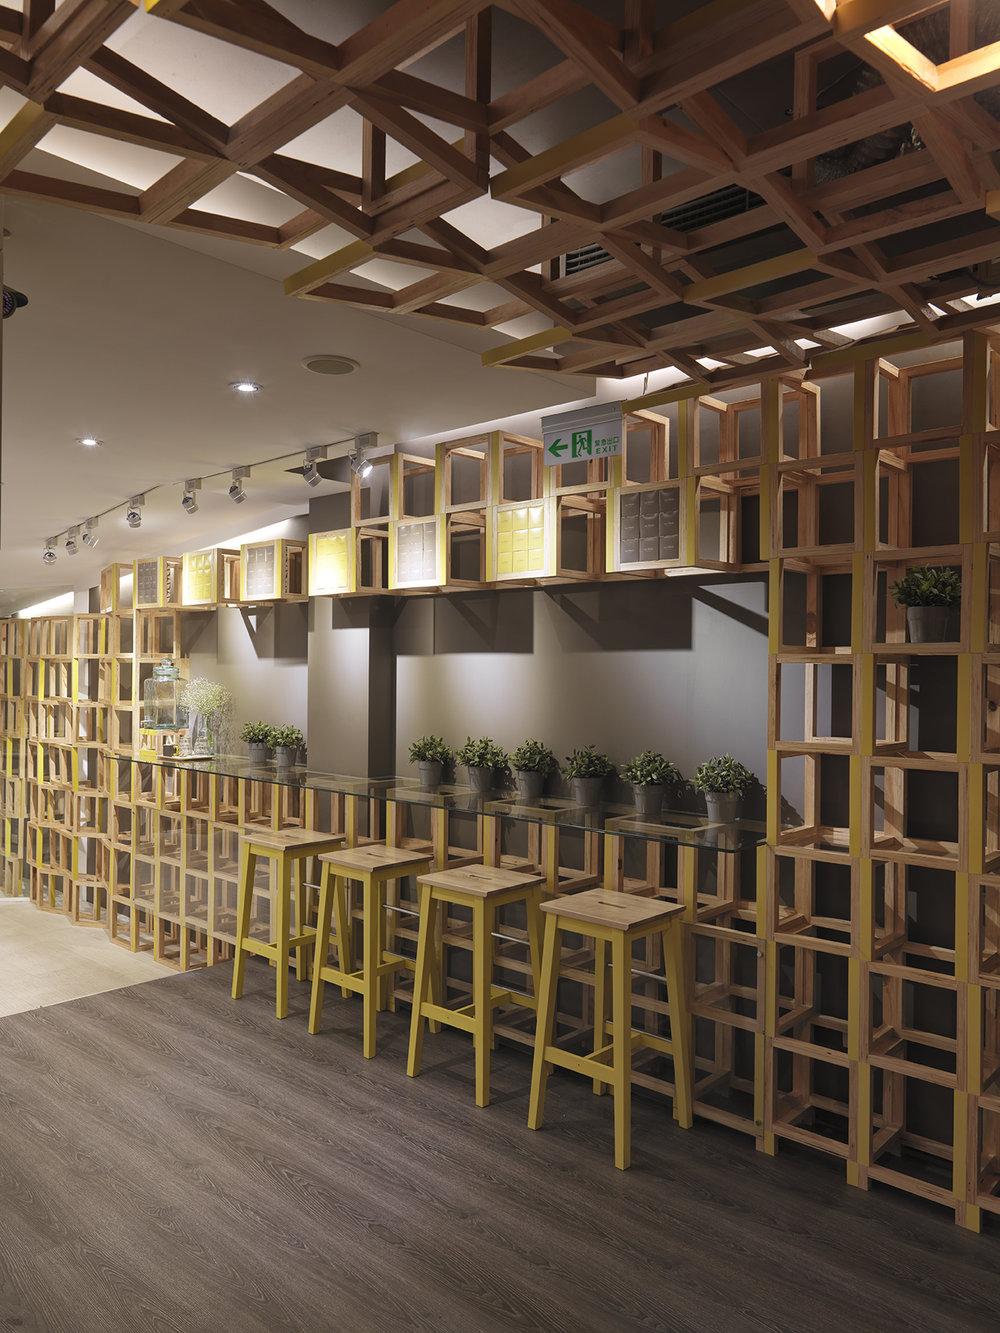 Les Bebes Cafe&Bar